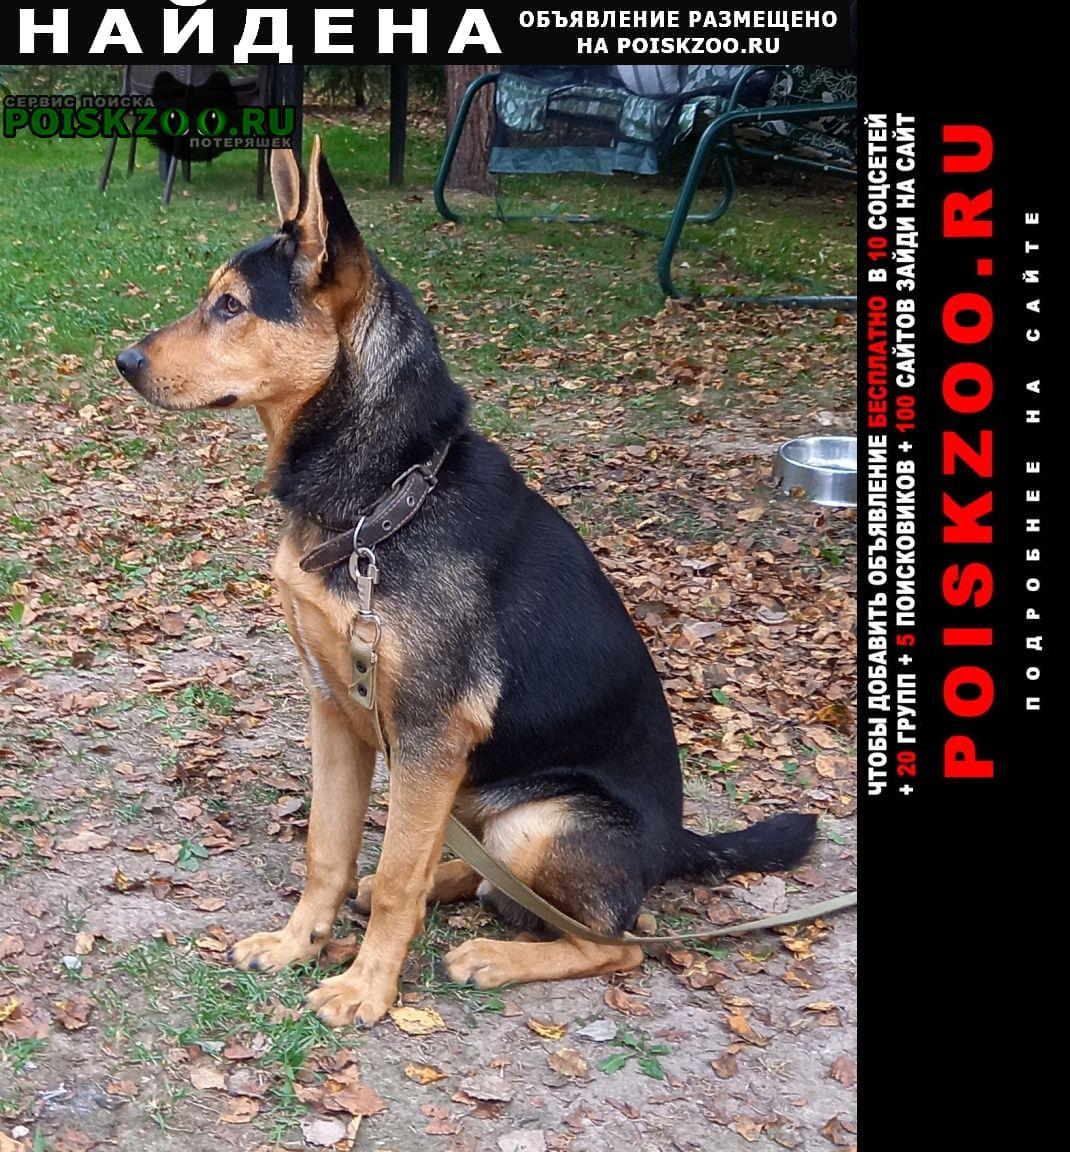 Найдена собака кобель калужская область Балабаново